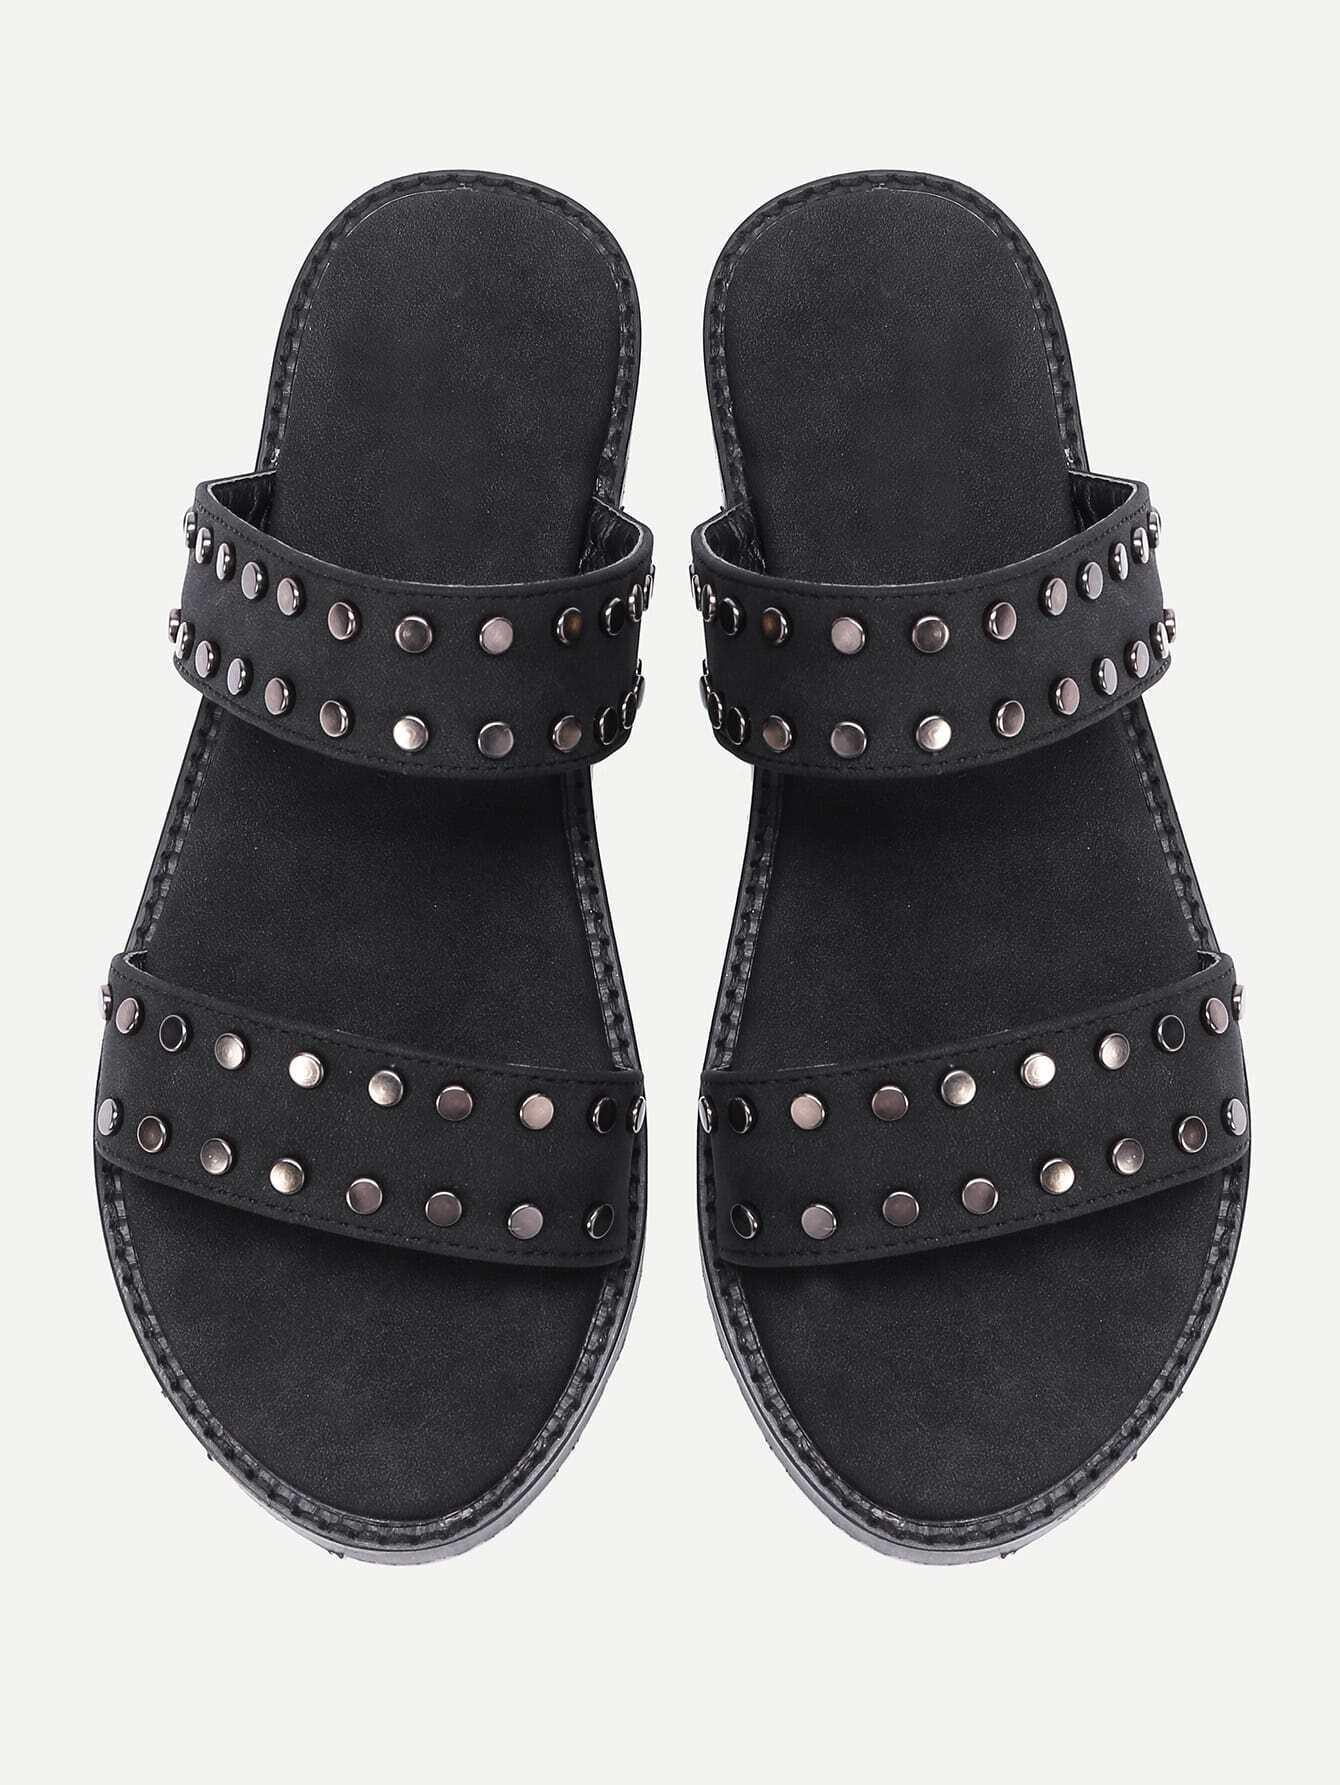 shoes170412807_2